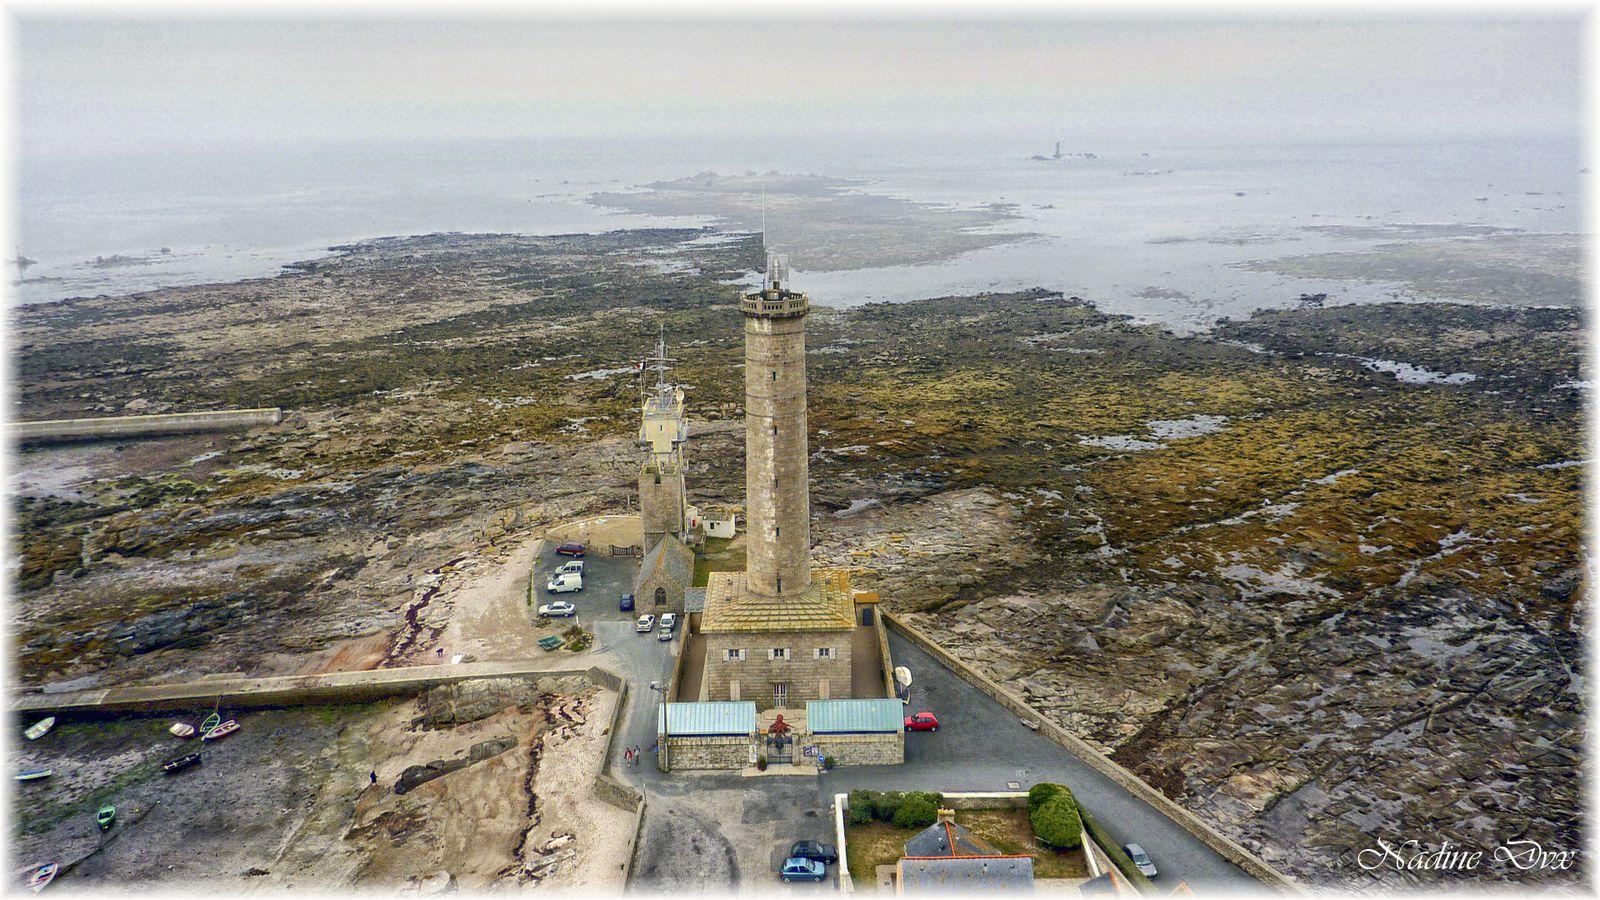 Vues du haut du phare d'Eckmühl, jour de brume